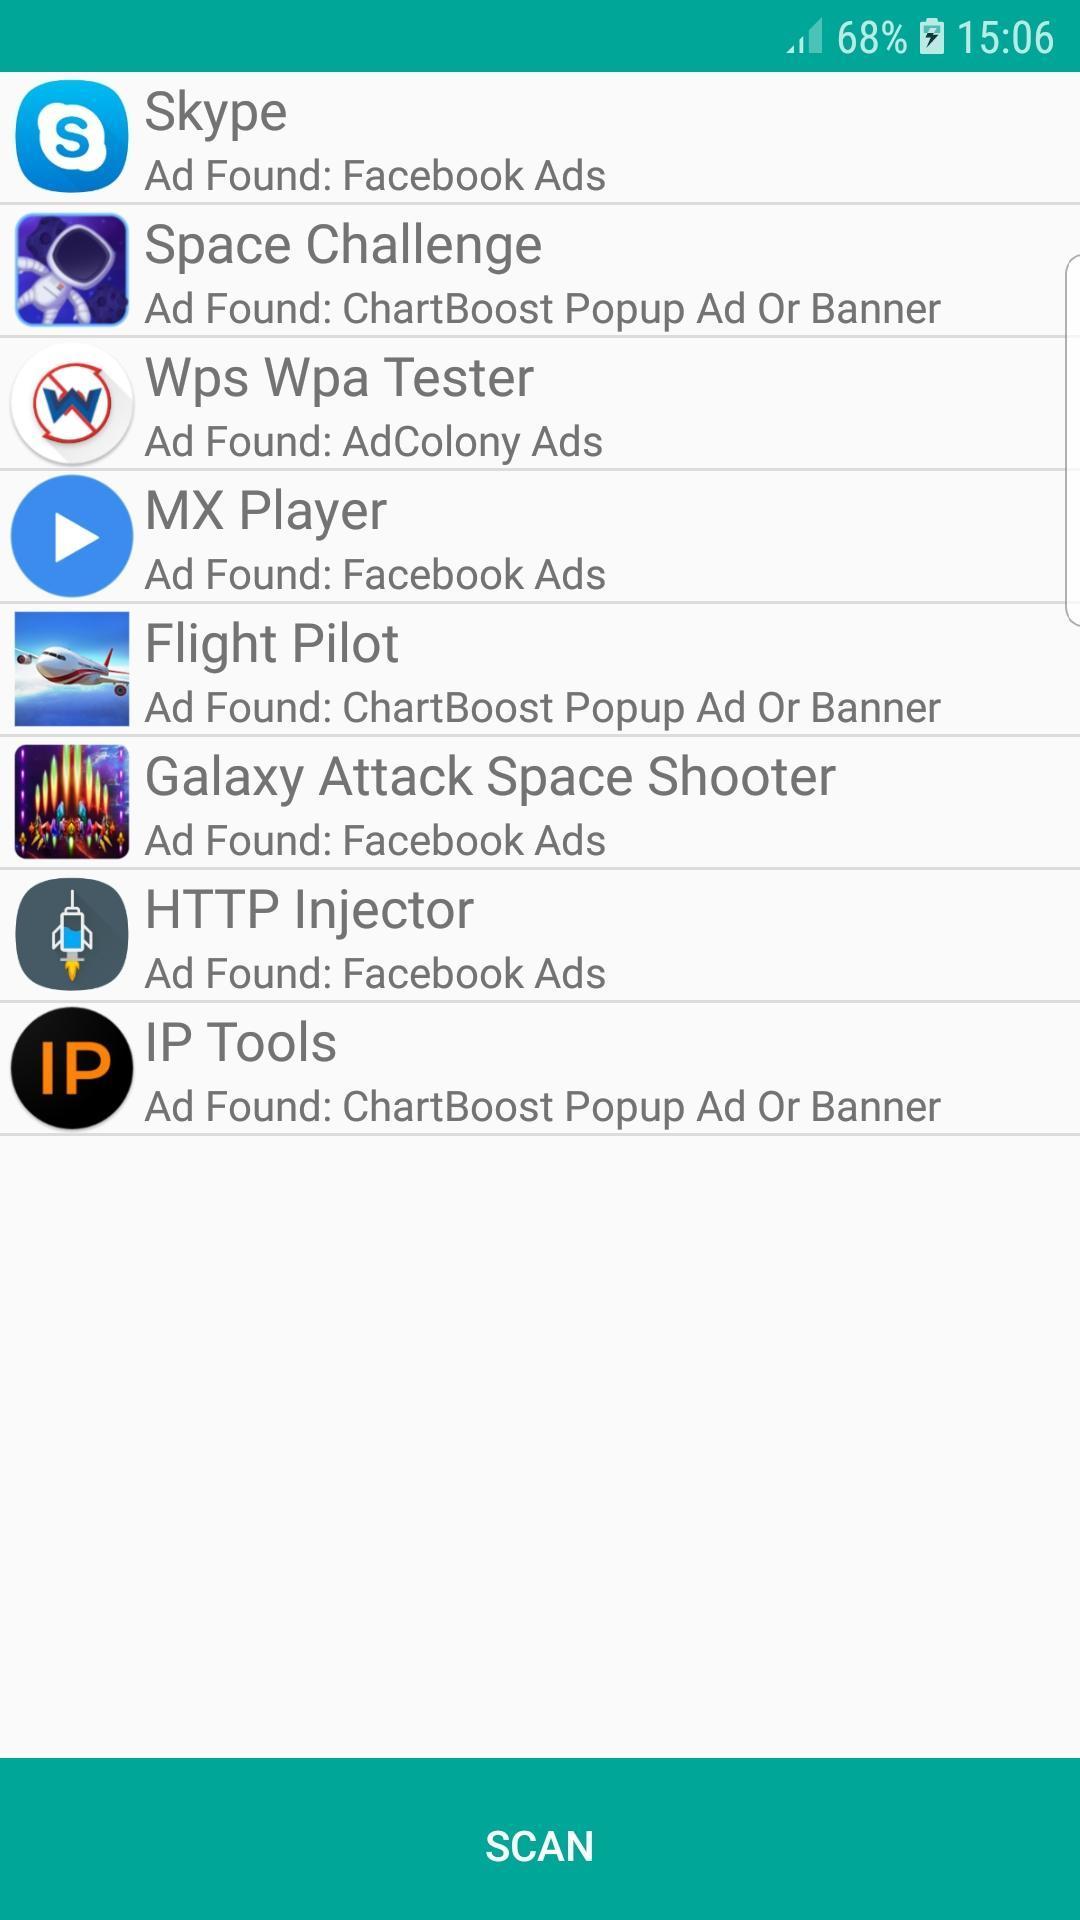 Airpush android virus